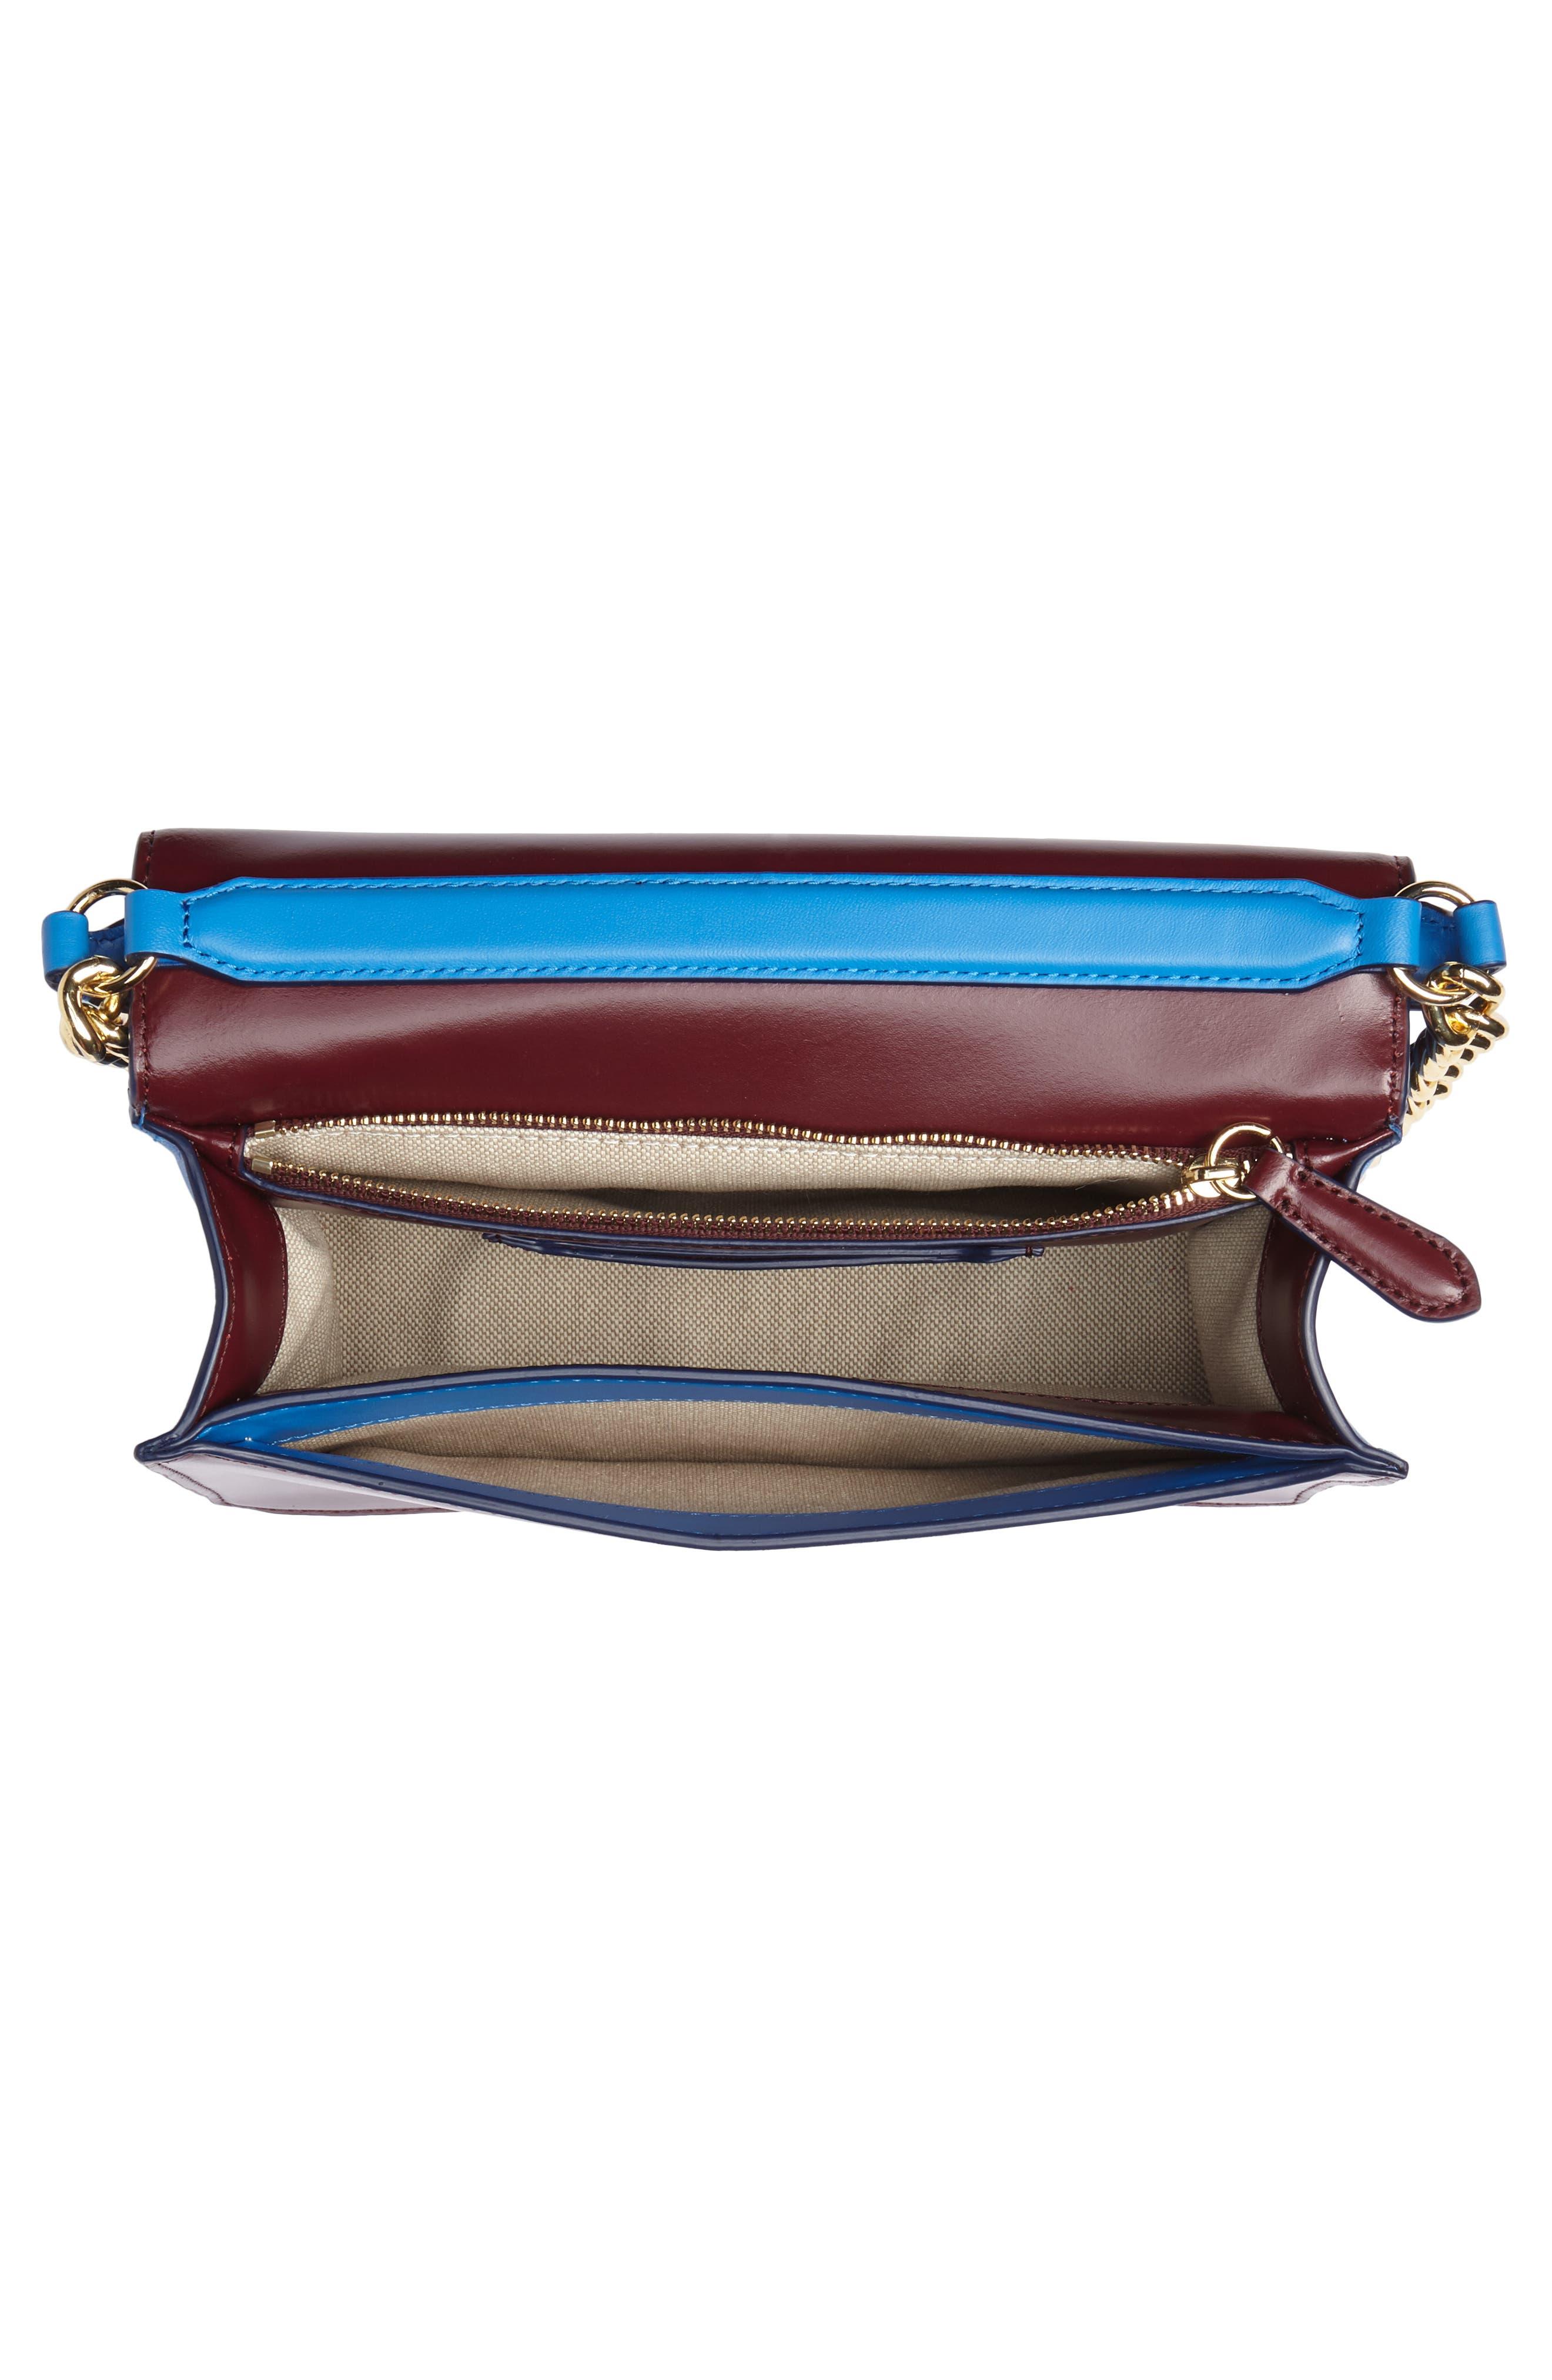 Bonne Soirée Leather & Suede Top Handle Bag,                             Alternate thumbnail 4, color,                             400